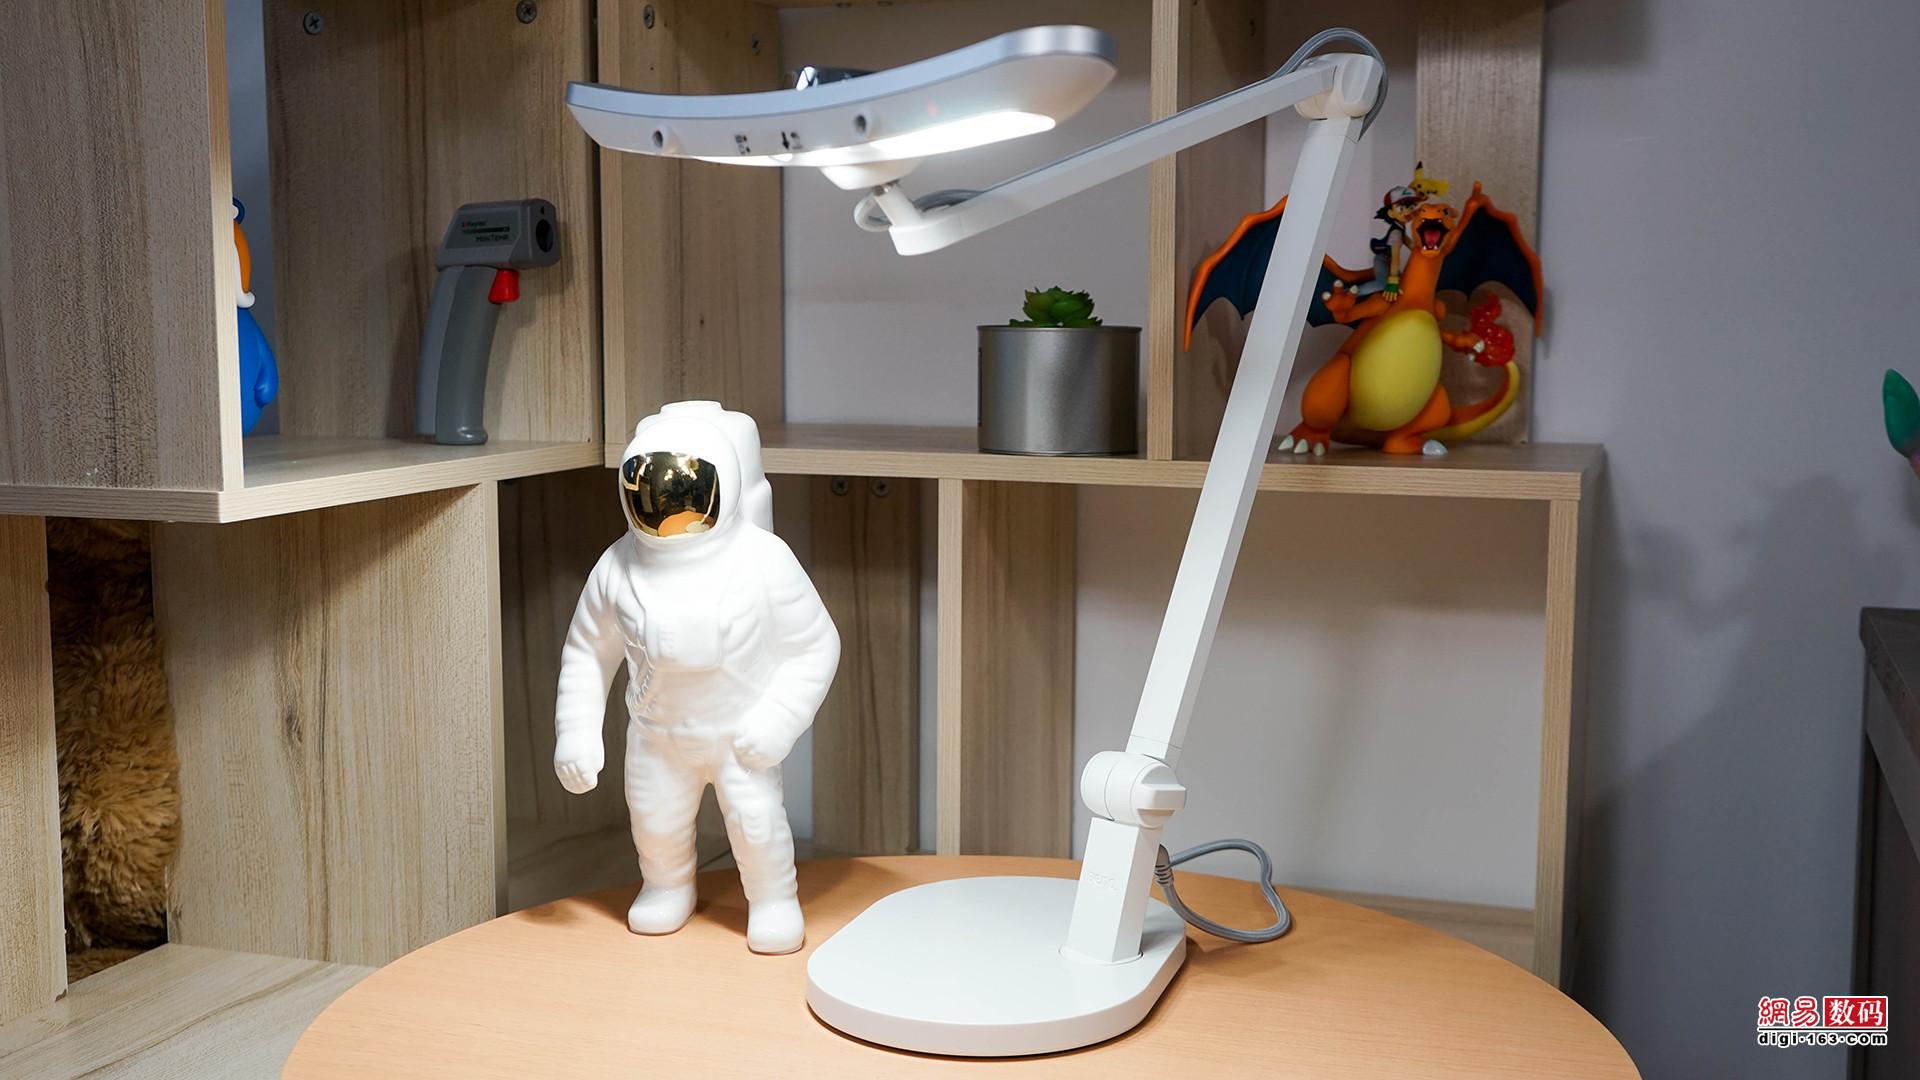 明基MindDuo Plus台灯开箱:定位儿童,设计与功能很友好